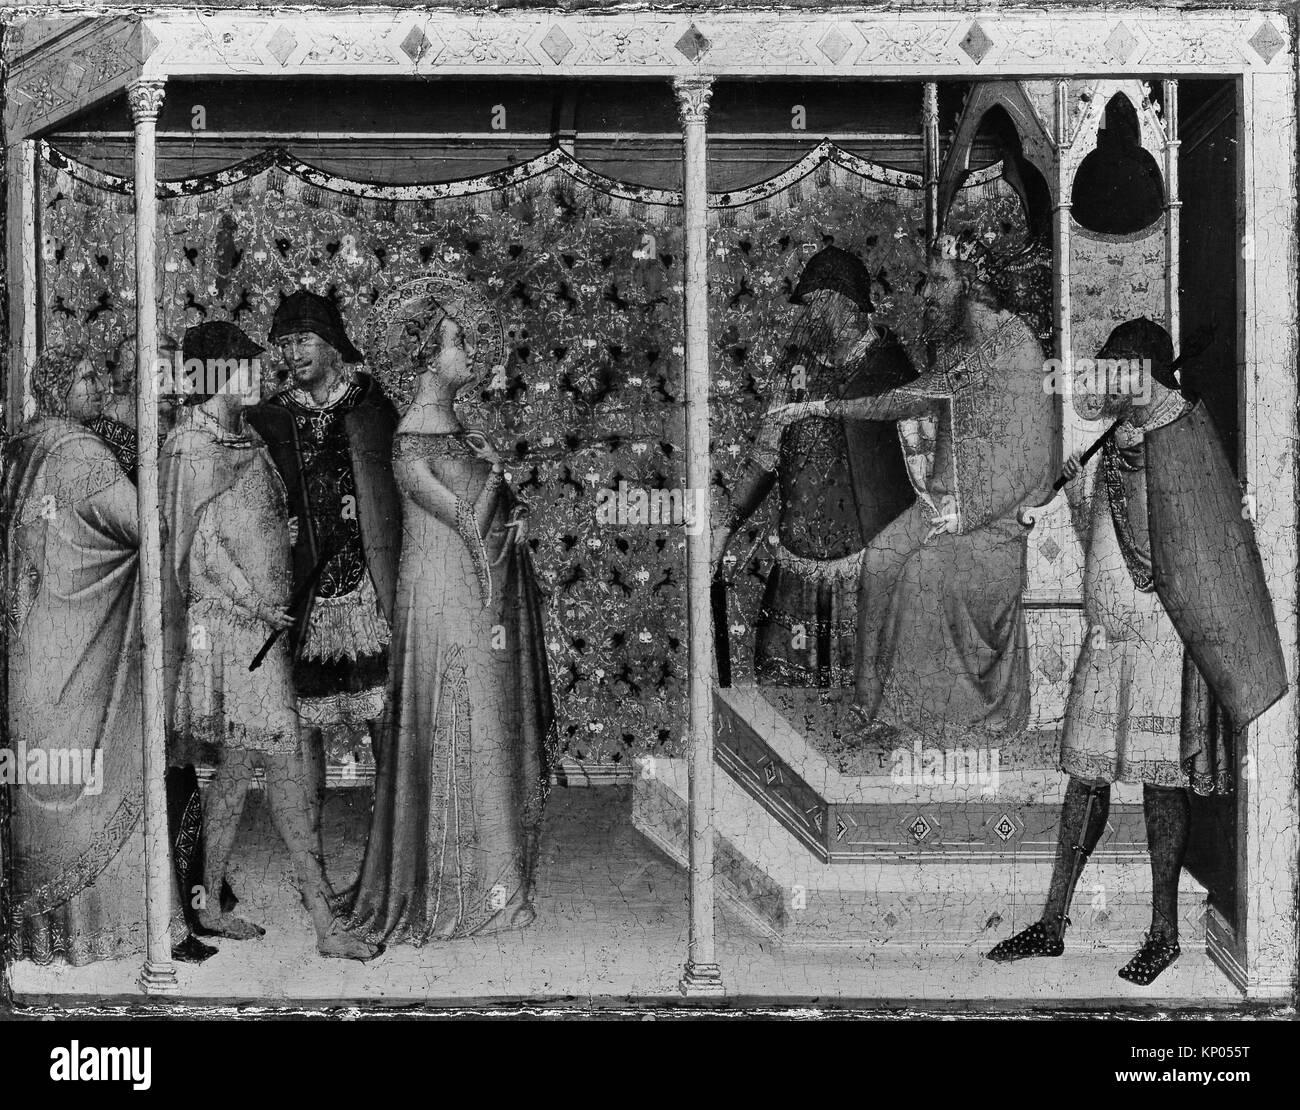 Santa Reparata antes del emperador Decio. Artista: Bernardo Daddi (Florencia, Italia (?) ca. 1290-1348 Florencia); Foto de stock